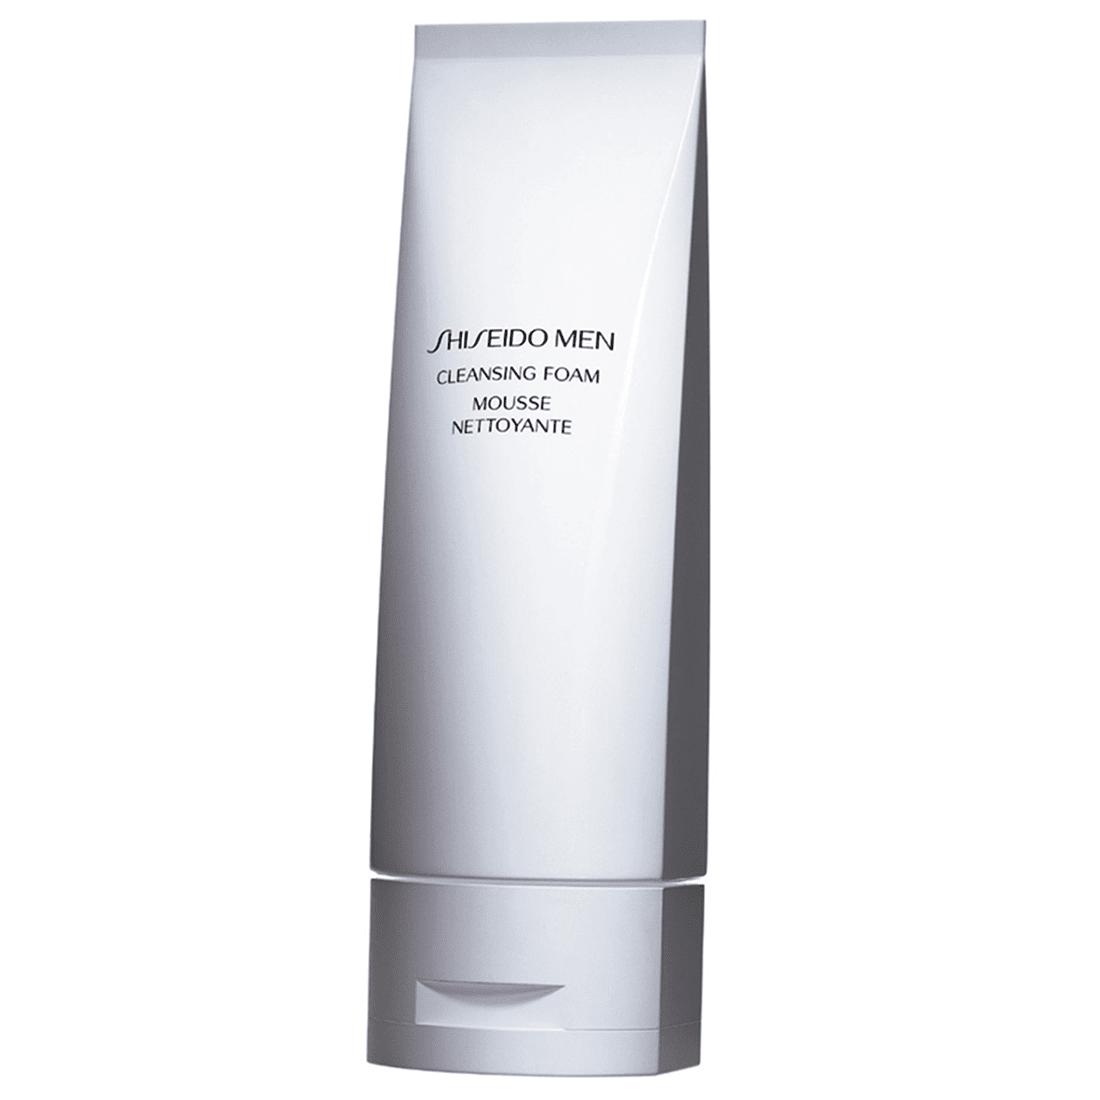 shiseido-men-cleansing-foam